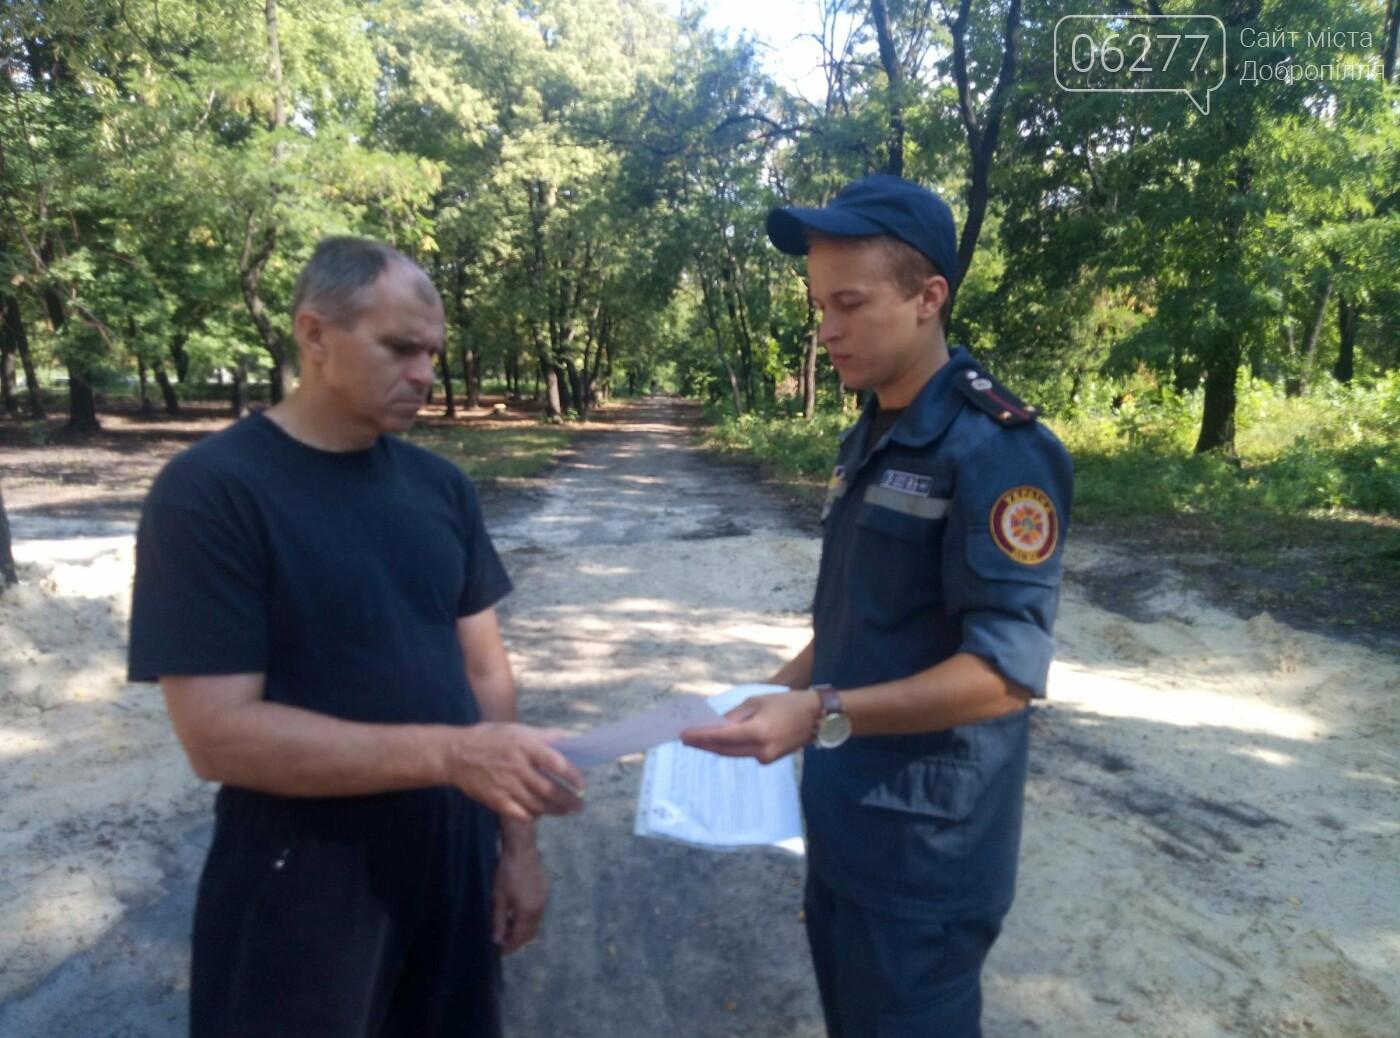 Спеціалісти Служби порятунку провели профілактичну роботу серед населення Добропілля, фото-1